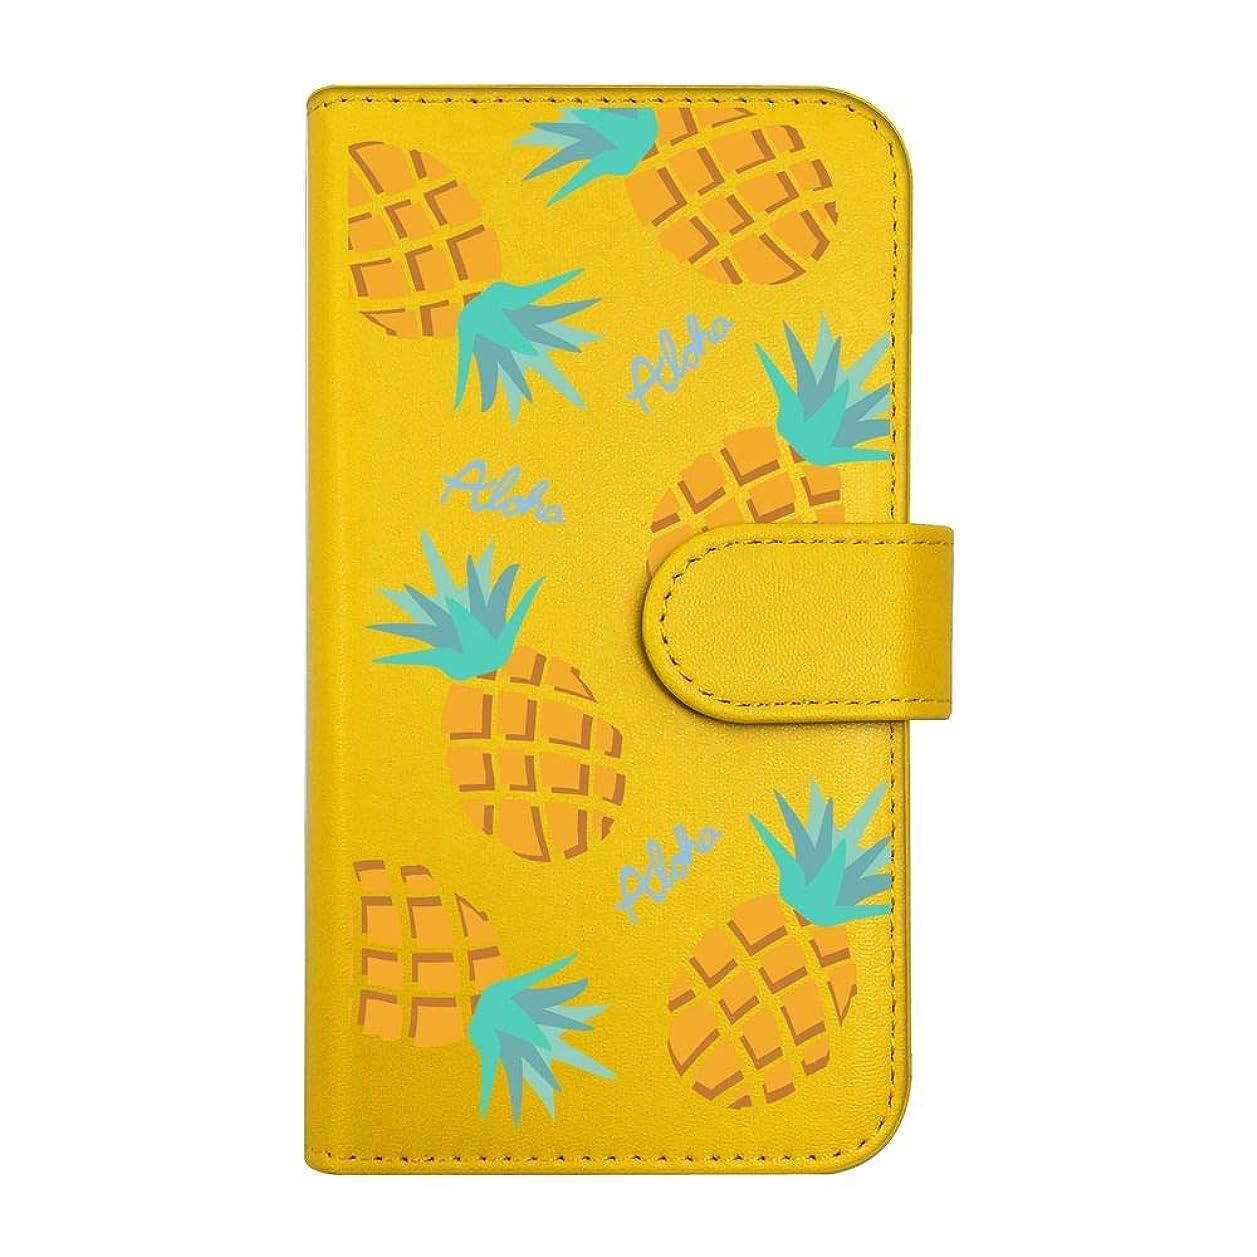 はがきチップフォアタイプsslink iPod touch6 アイポッドタッチ6 手帳型 スマホ ケース パイナップル ハワイアン ハワイ パイン サーフ ビーチ ボタニカル トロピカル フルーツ おしゃれ かわいい (カバー色イエロー) ダイアリータイプ 横開き カード収納 フリップ カバー スマートフォン